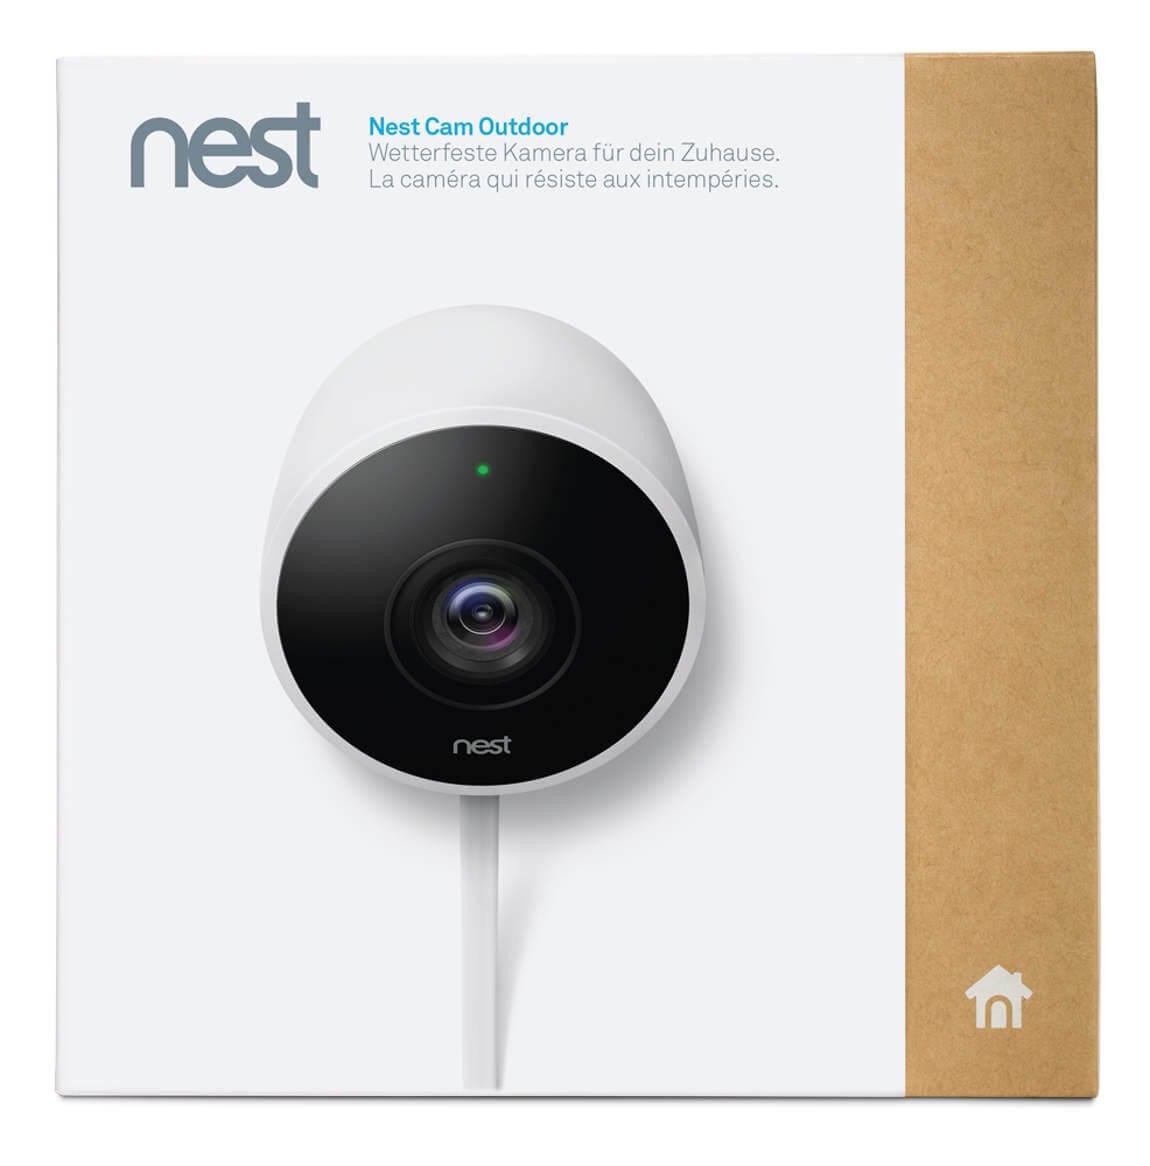 nest cam outdoor berwachungskamera au enkameras video berwachung sicherheit. Black Bedroom Furniture Sets. Home Design Ideas